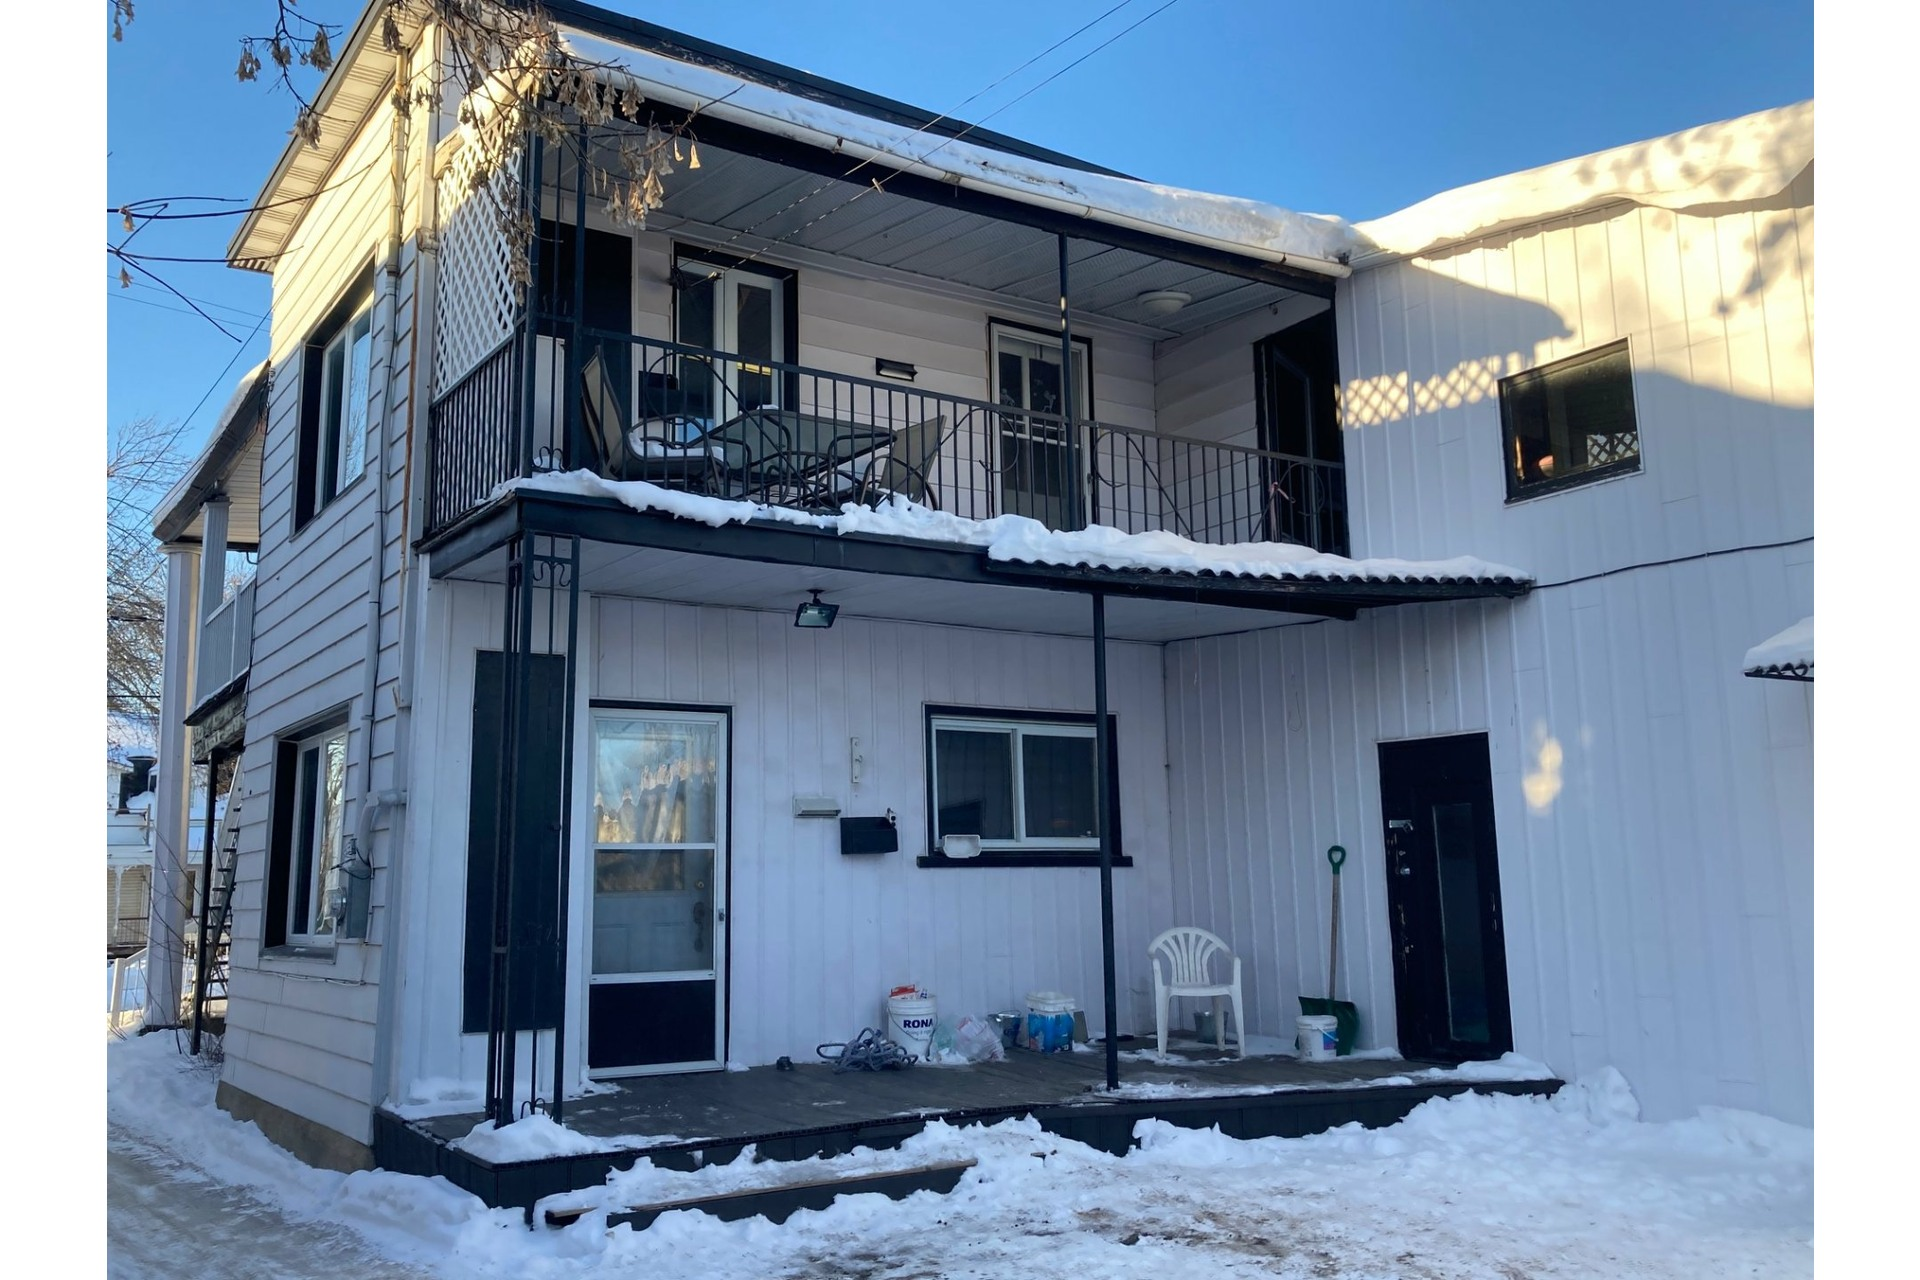 image 11 - Duplex For sale Joliette - 5 rooms